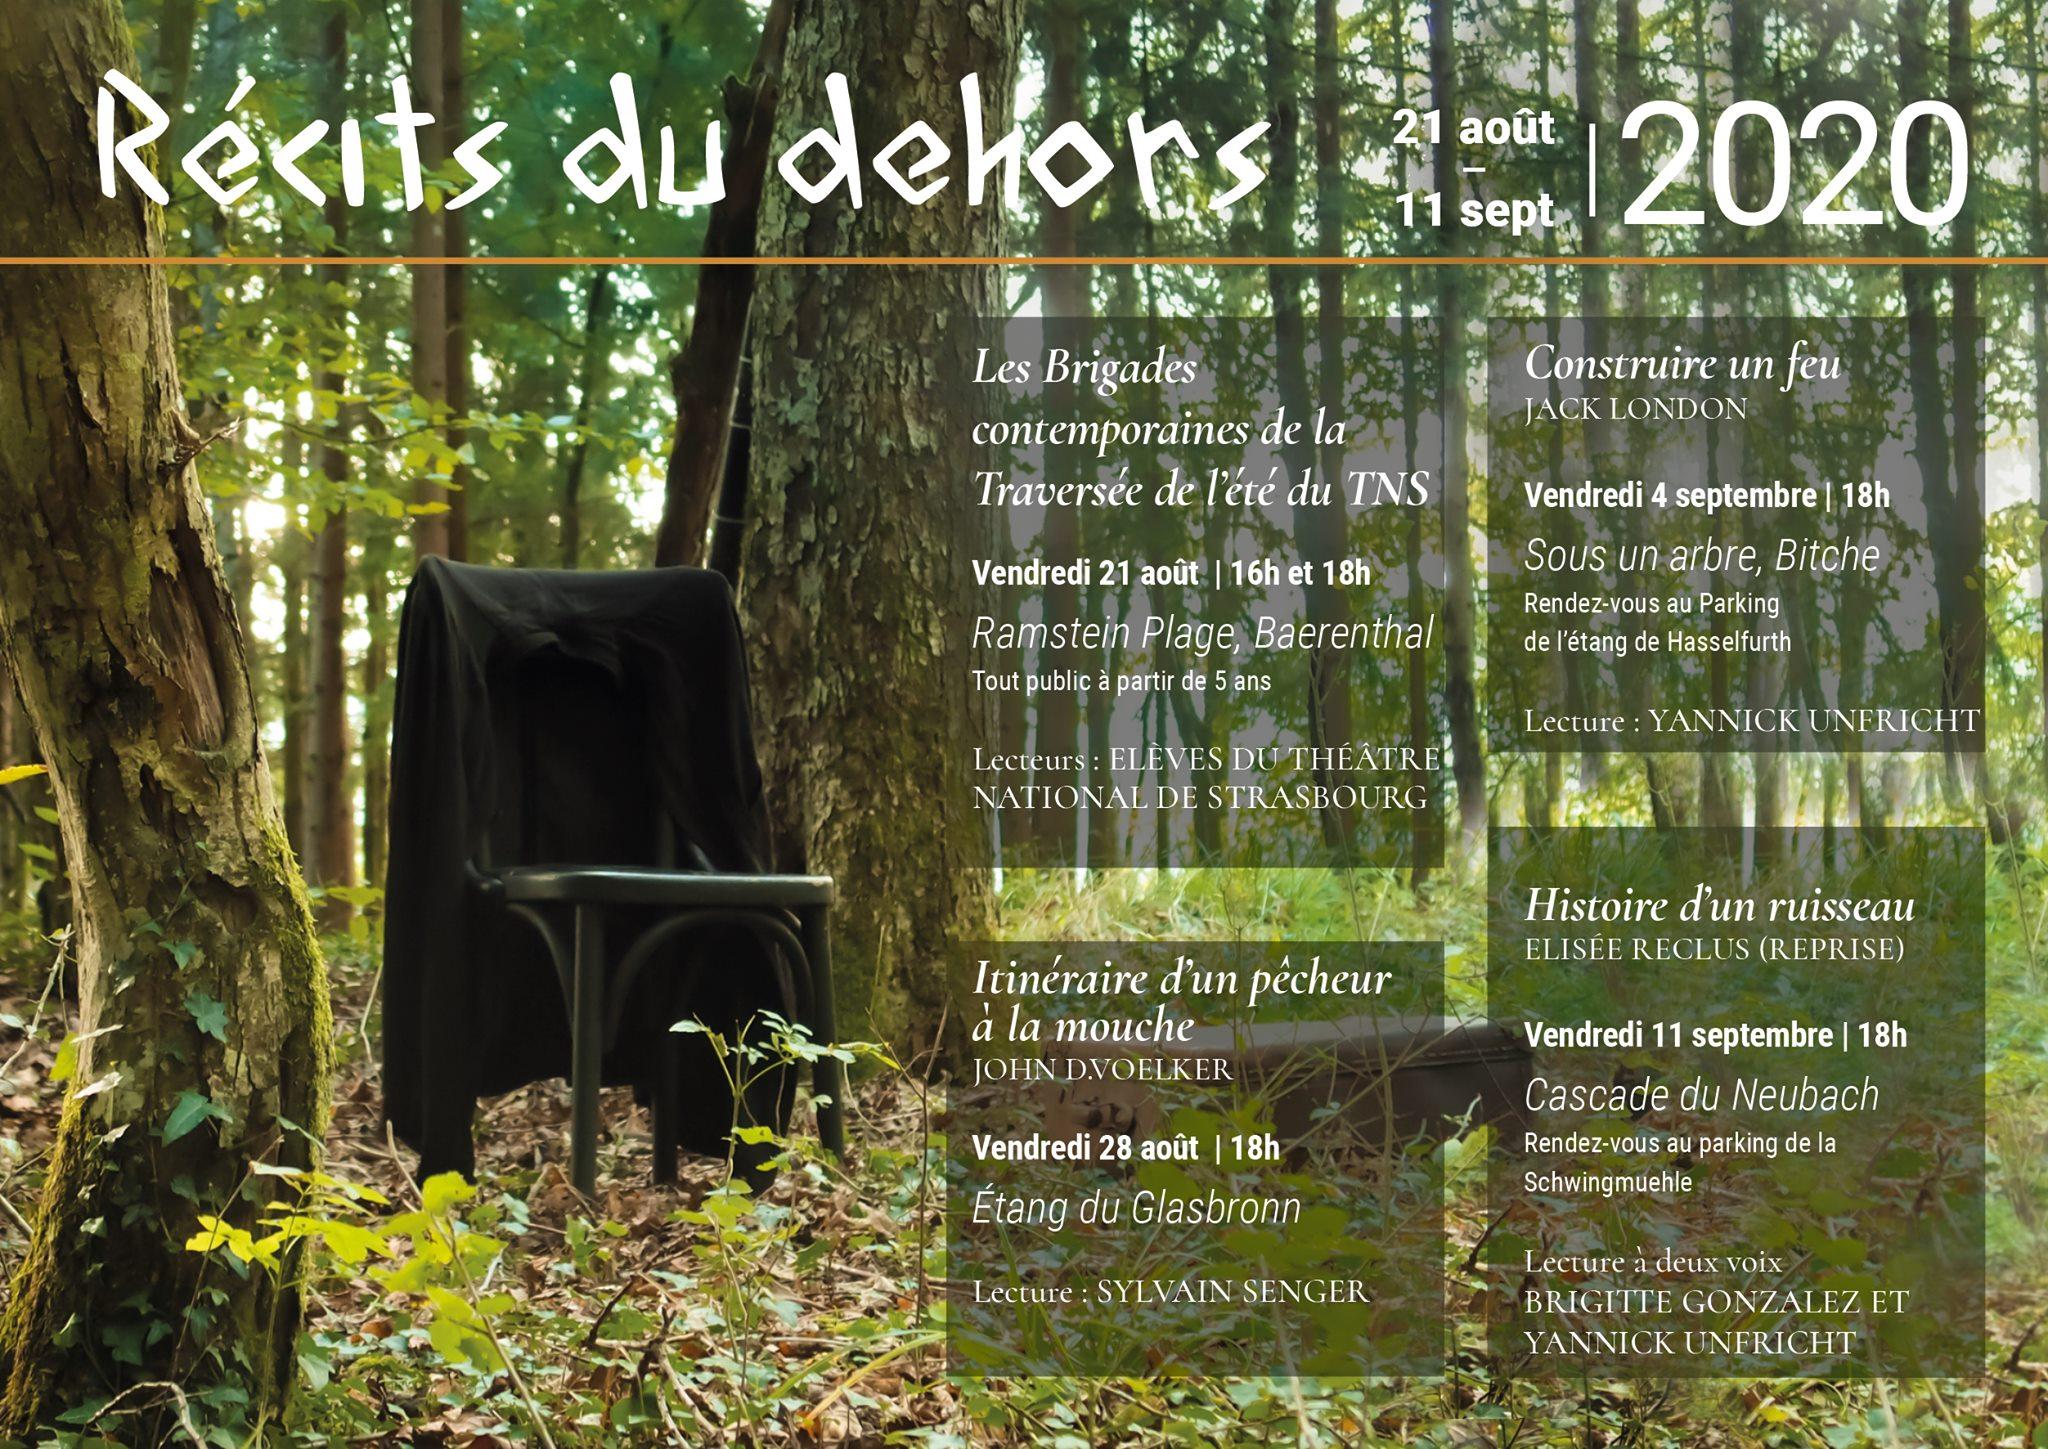 FESTIVAL DE LECTURE 'RÉCITS DU DEHORS' : CONSTRUIRE UN FEU DE JACK LONDON